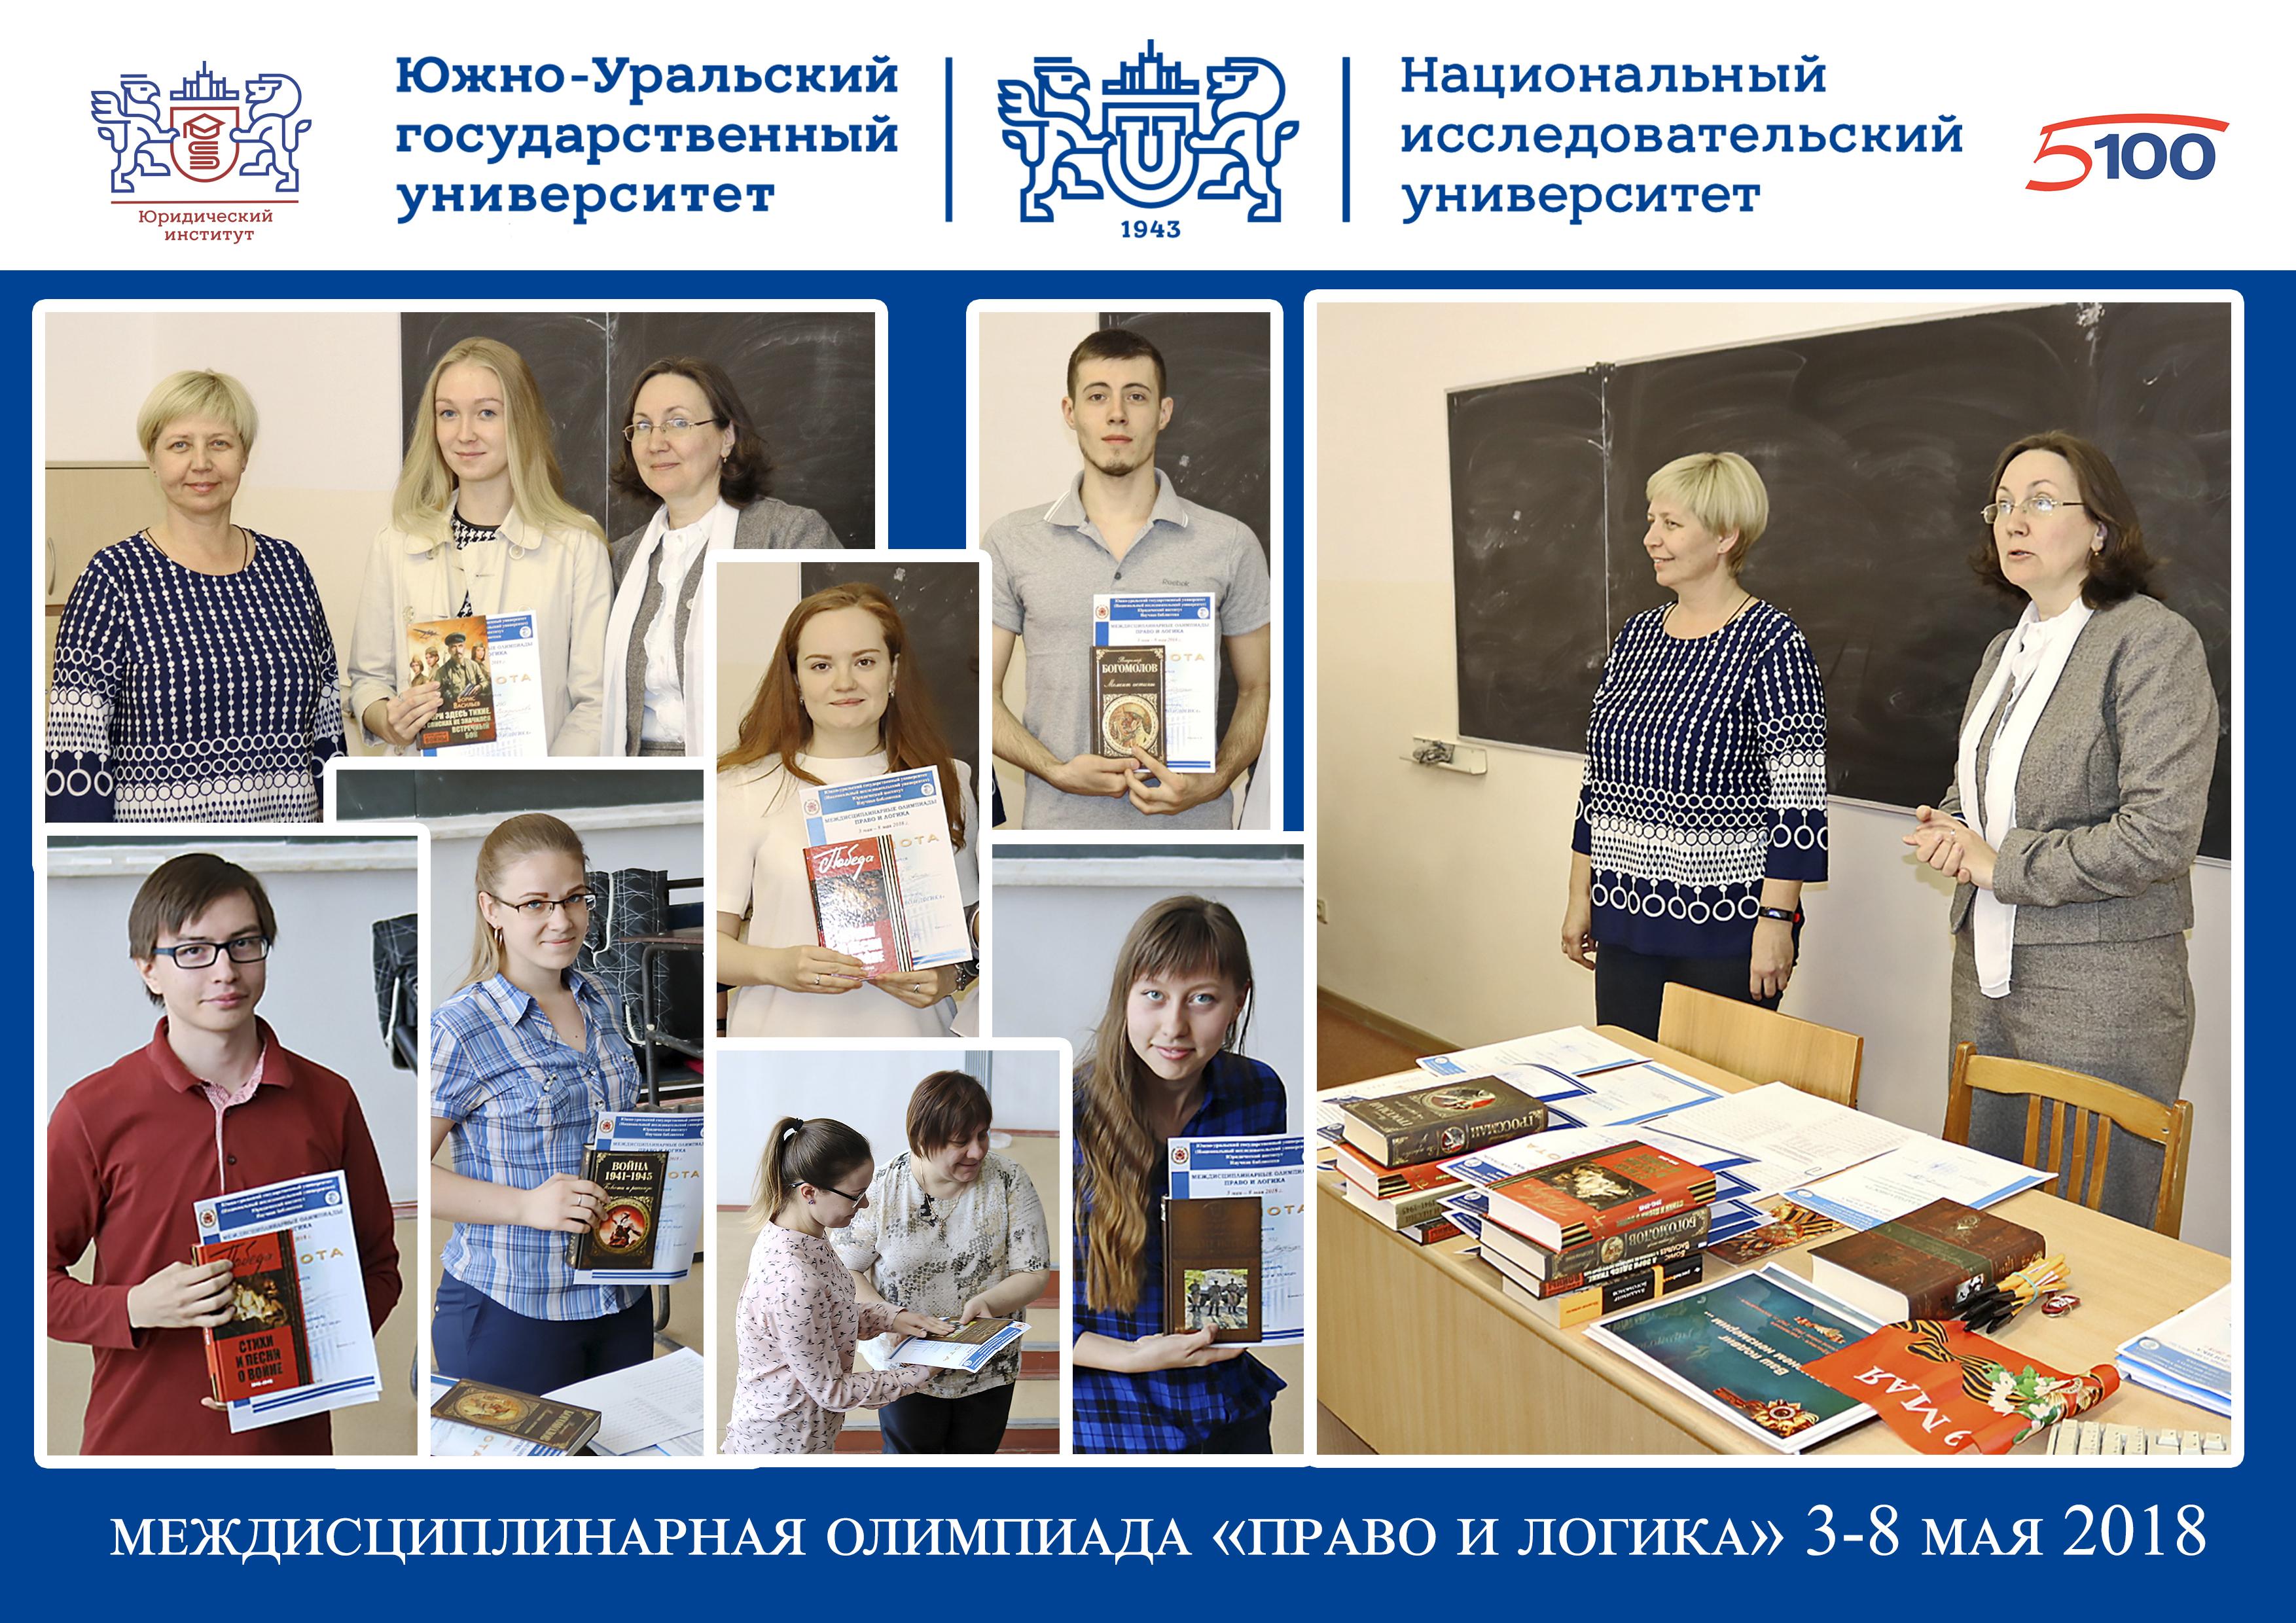 http://law.susu.ru/wp-content/uploads/2018/05/Nagrazhdenie-pobediteley-olimpiad.jpg